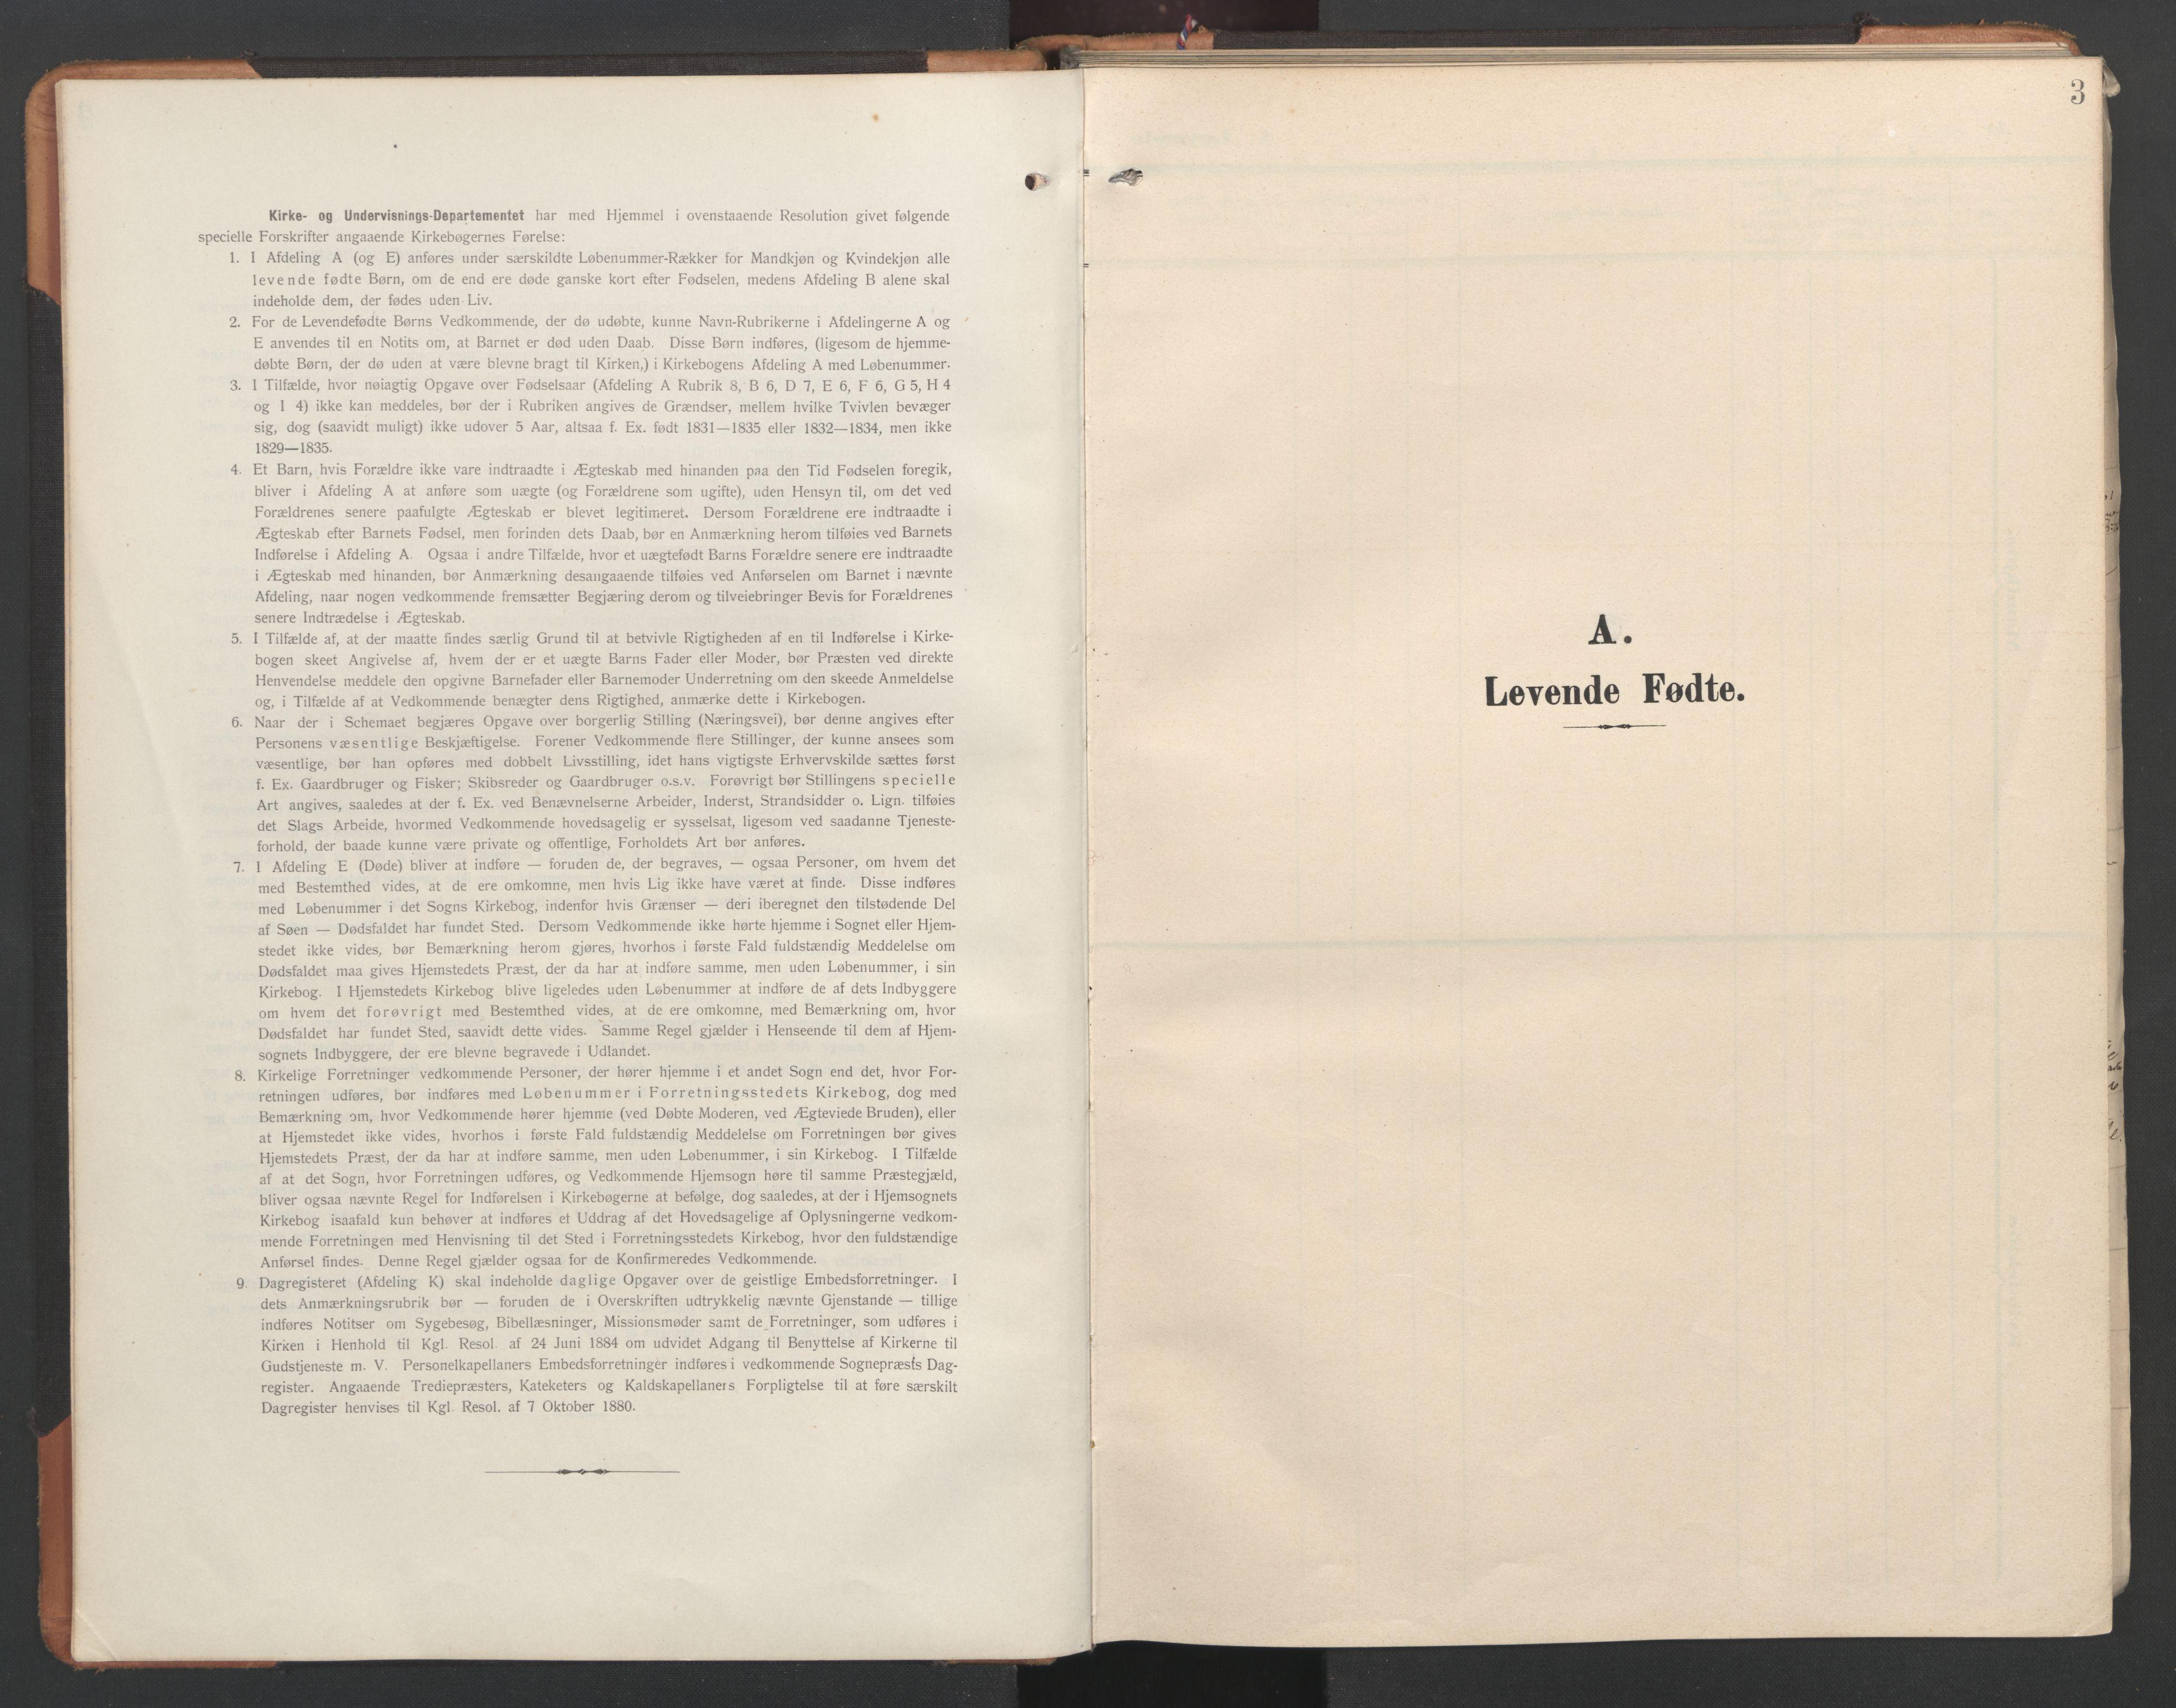 SAT, Ministerialprotokoller, klokkerbøker og fødselsregistre - Nord-Trøndelag, 746/L0455: Klokkerbok nr. 746C01, 1908-1933, s. 3